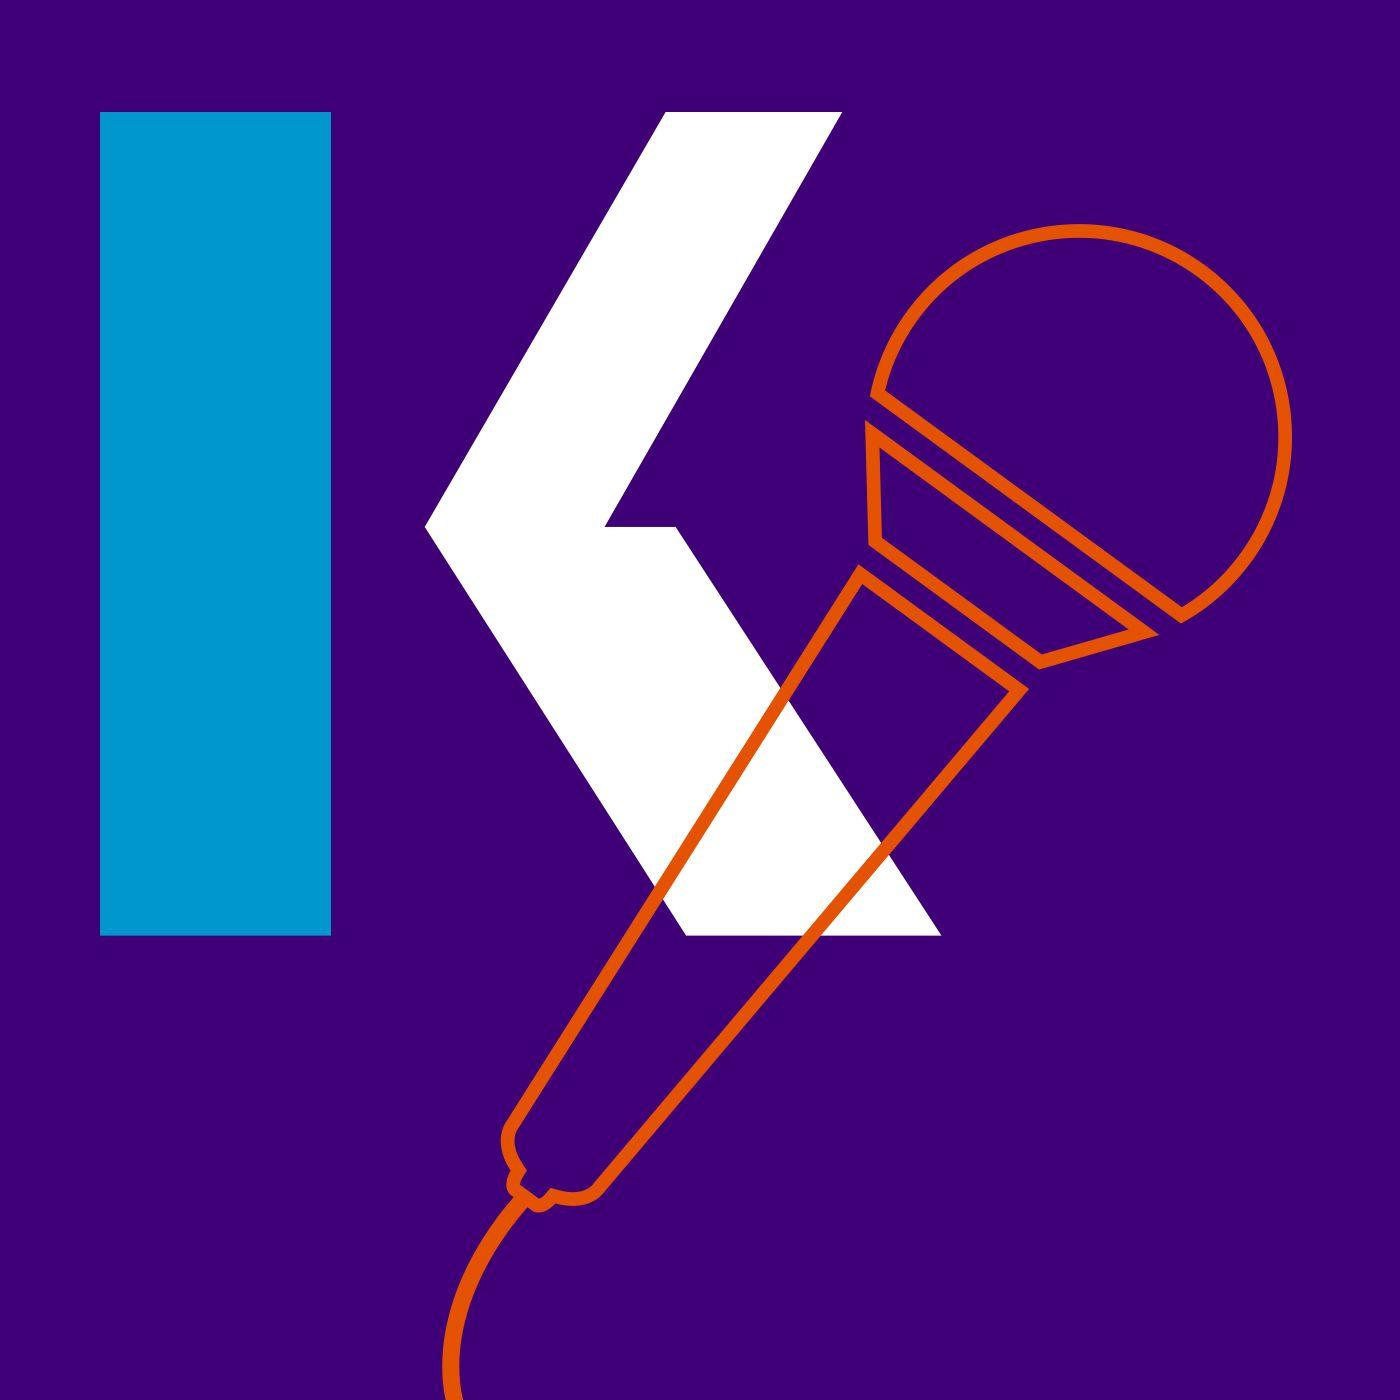 Kaplan's NCLEX Prepcast - Episode 26 - Recommended Nursing School Study Habits